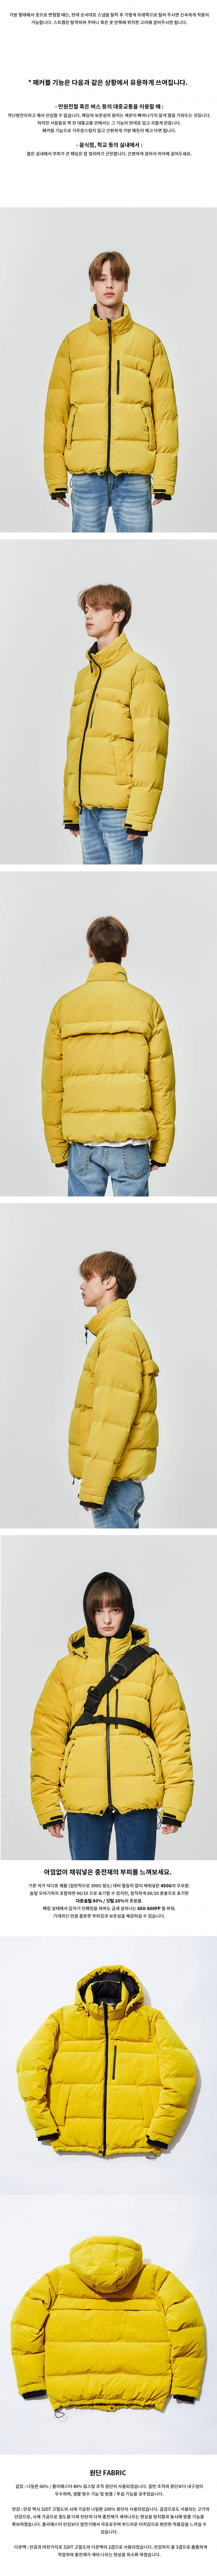 큐컴버스(QCUMBERS) 패커블 다운 자켓 - 옐로우